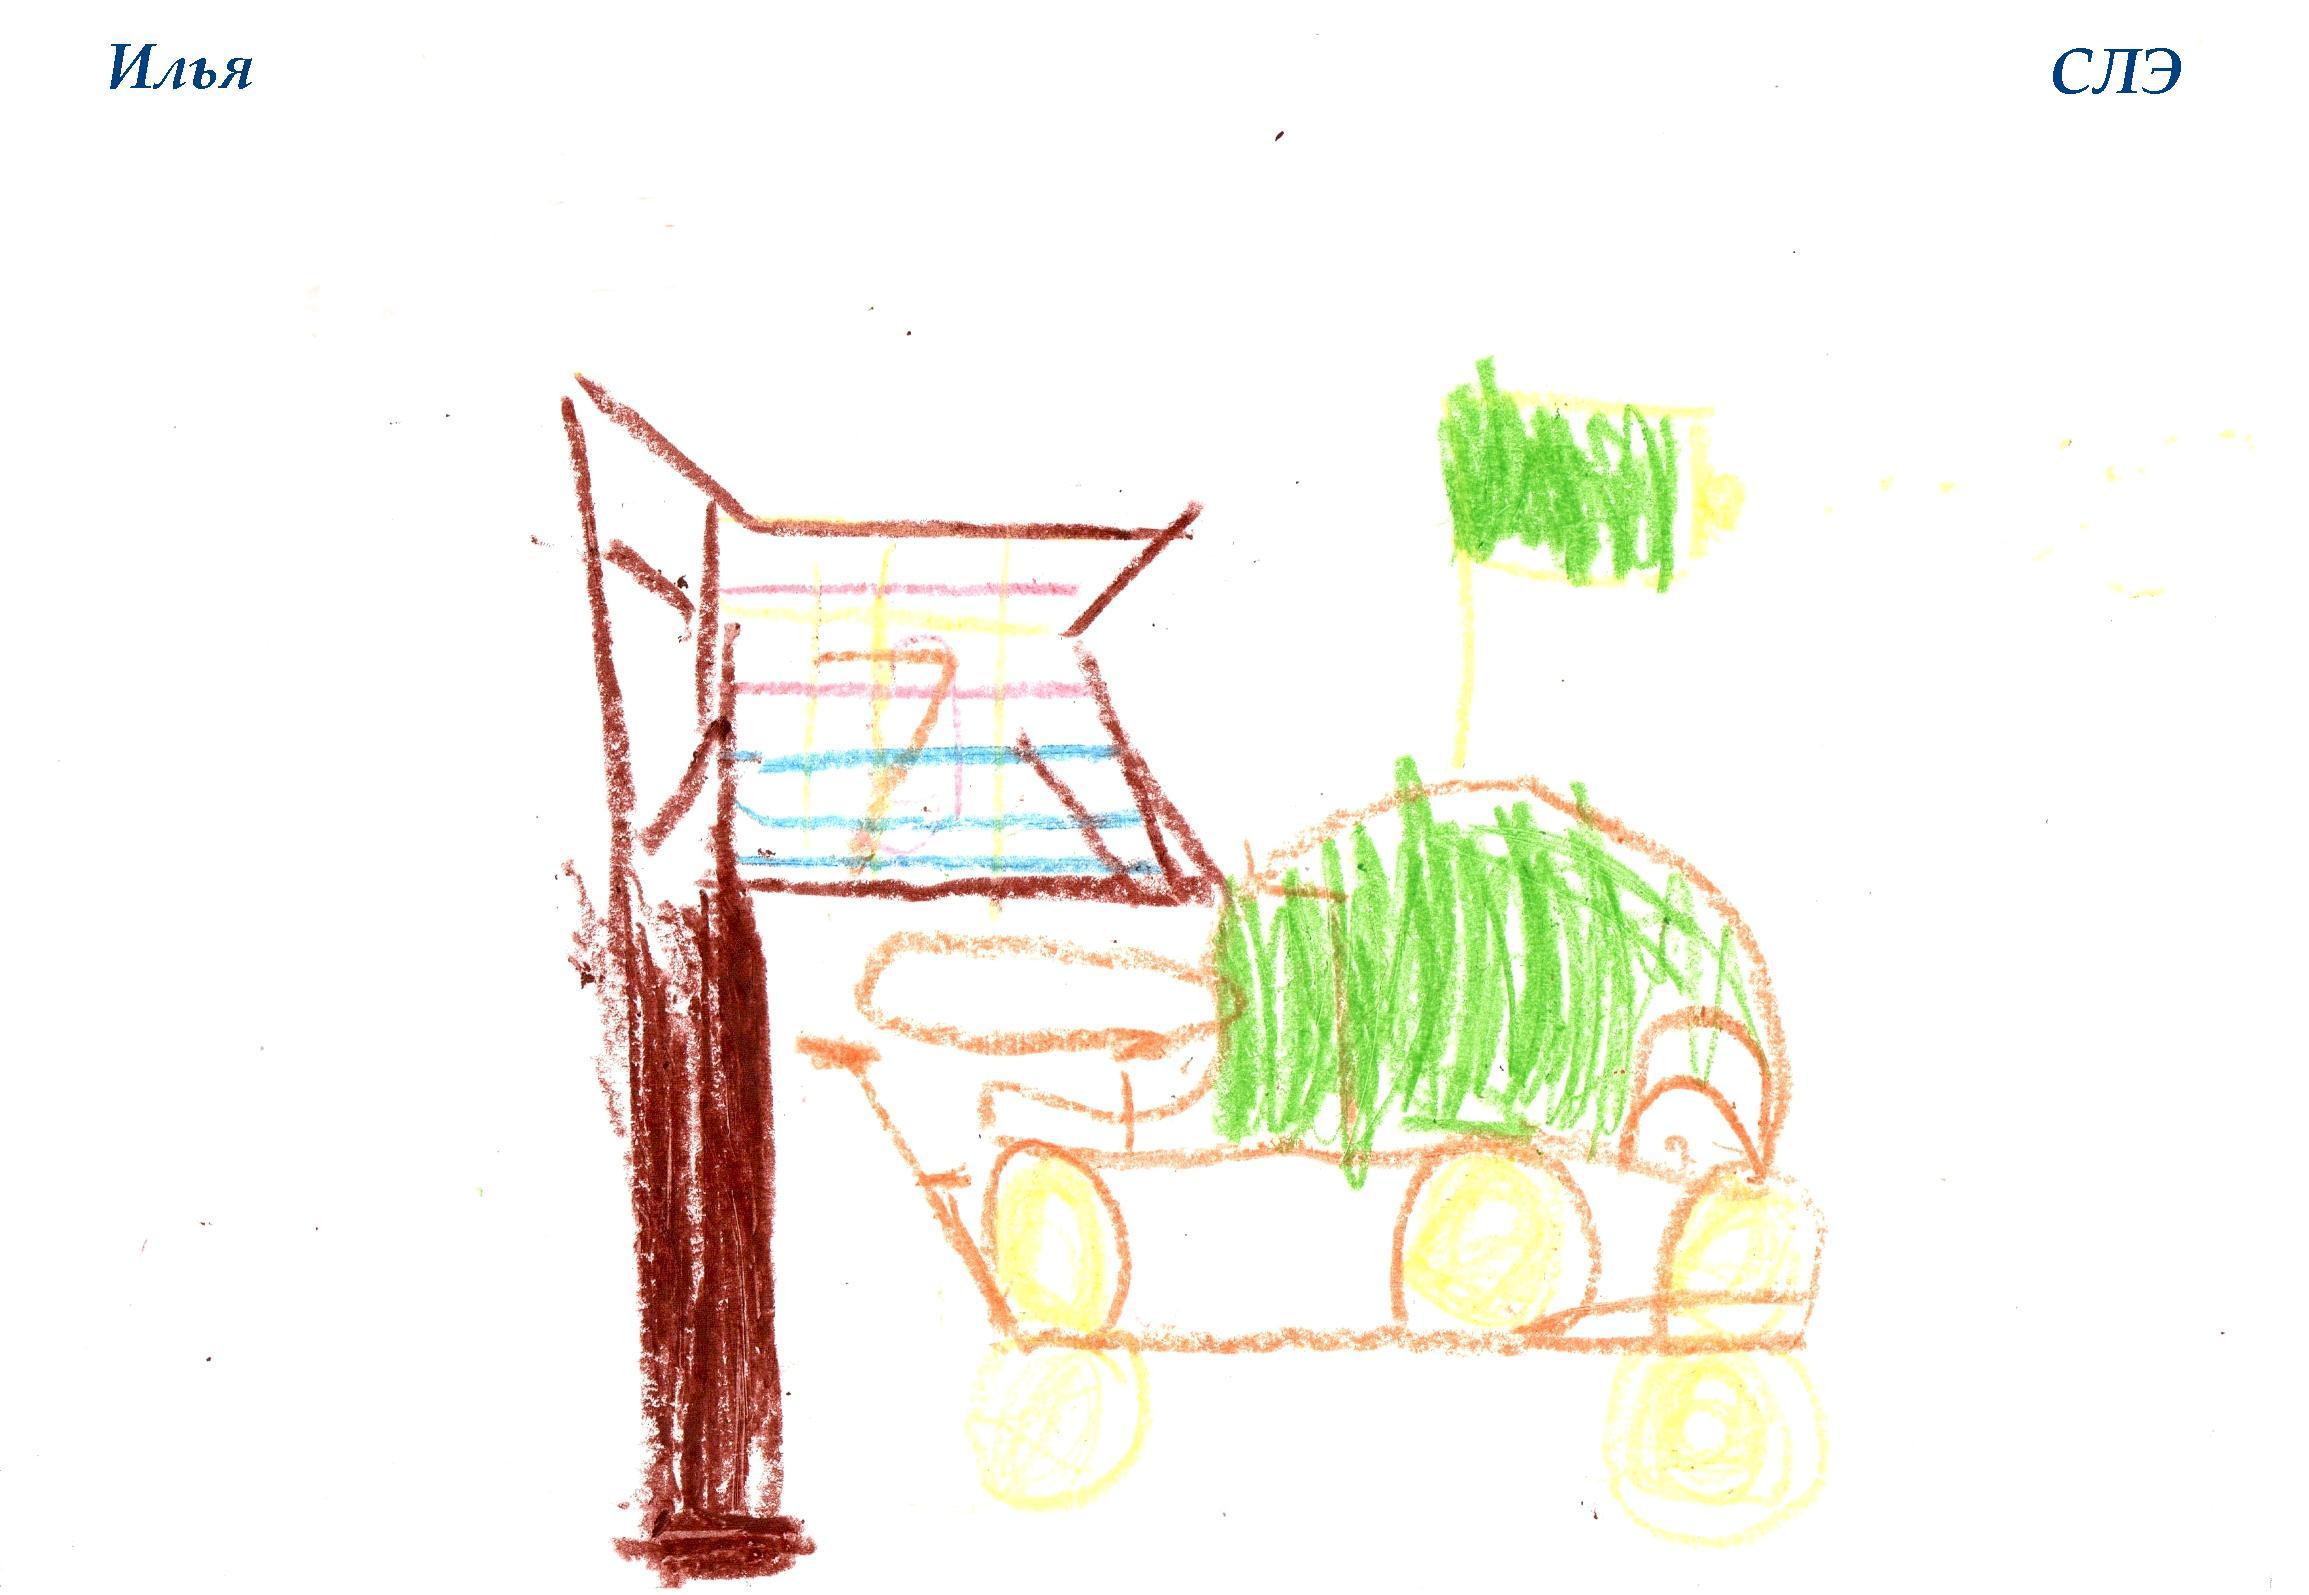 НИИ Соционики. Диагностика детей дошкольного возраста. Рисунок СЛЭ, 5 лет